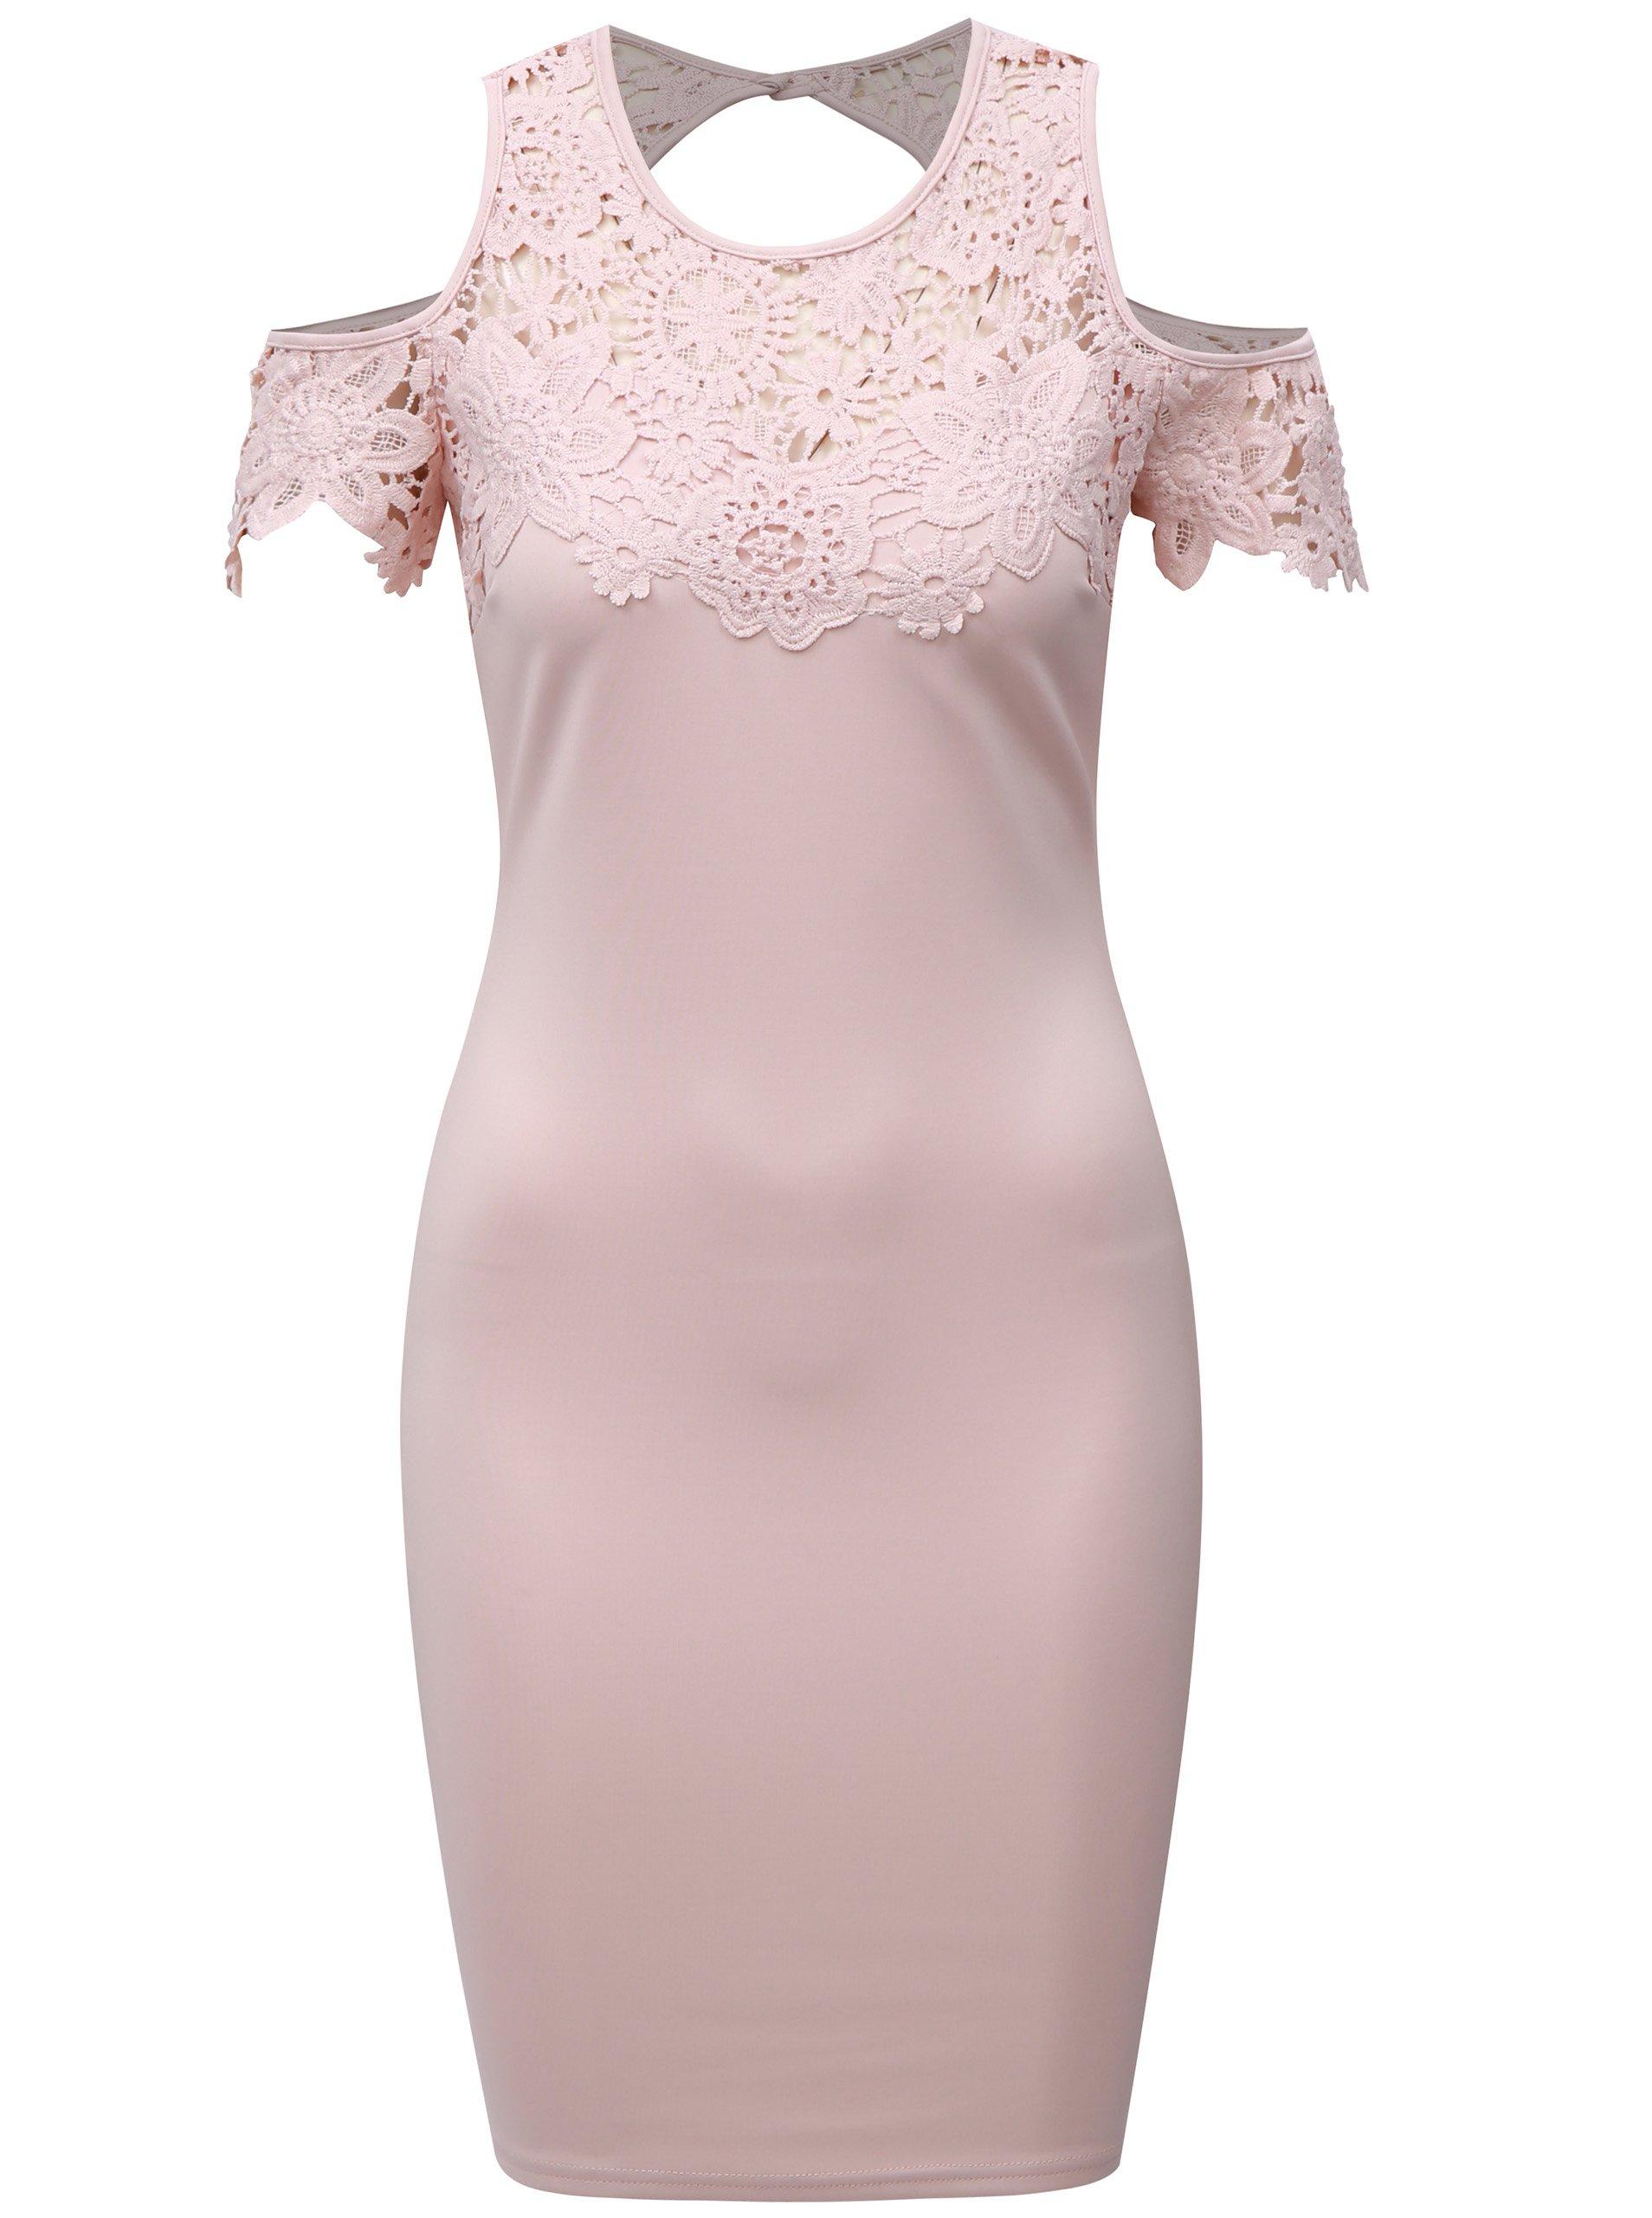 6993a400efc7 Světle růžové pouzdrové šaty s krajkou a průstřihy na ramenou AX ...